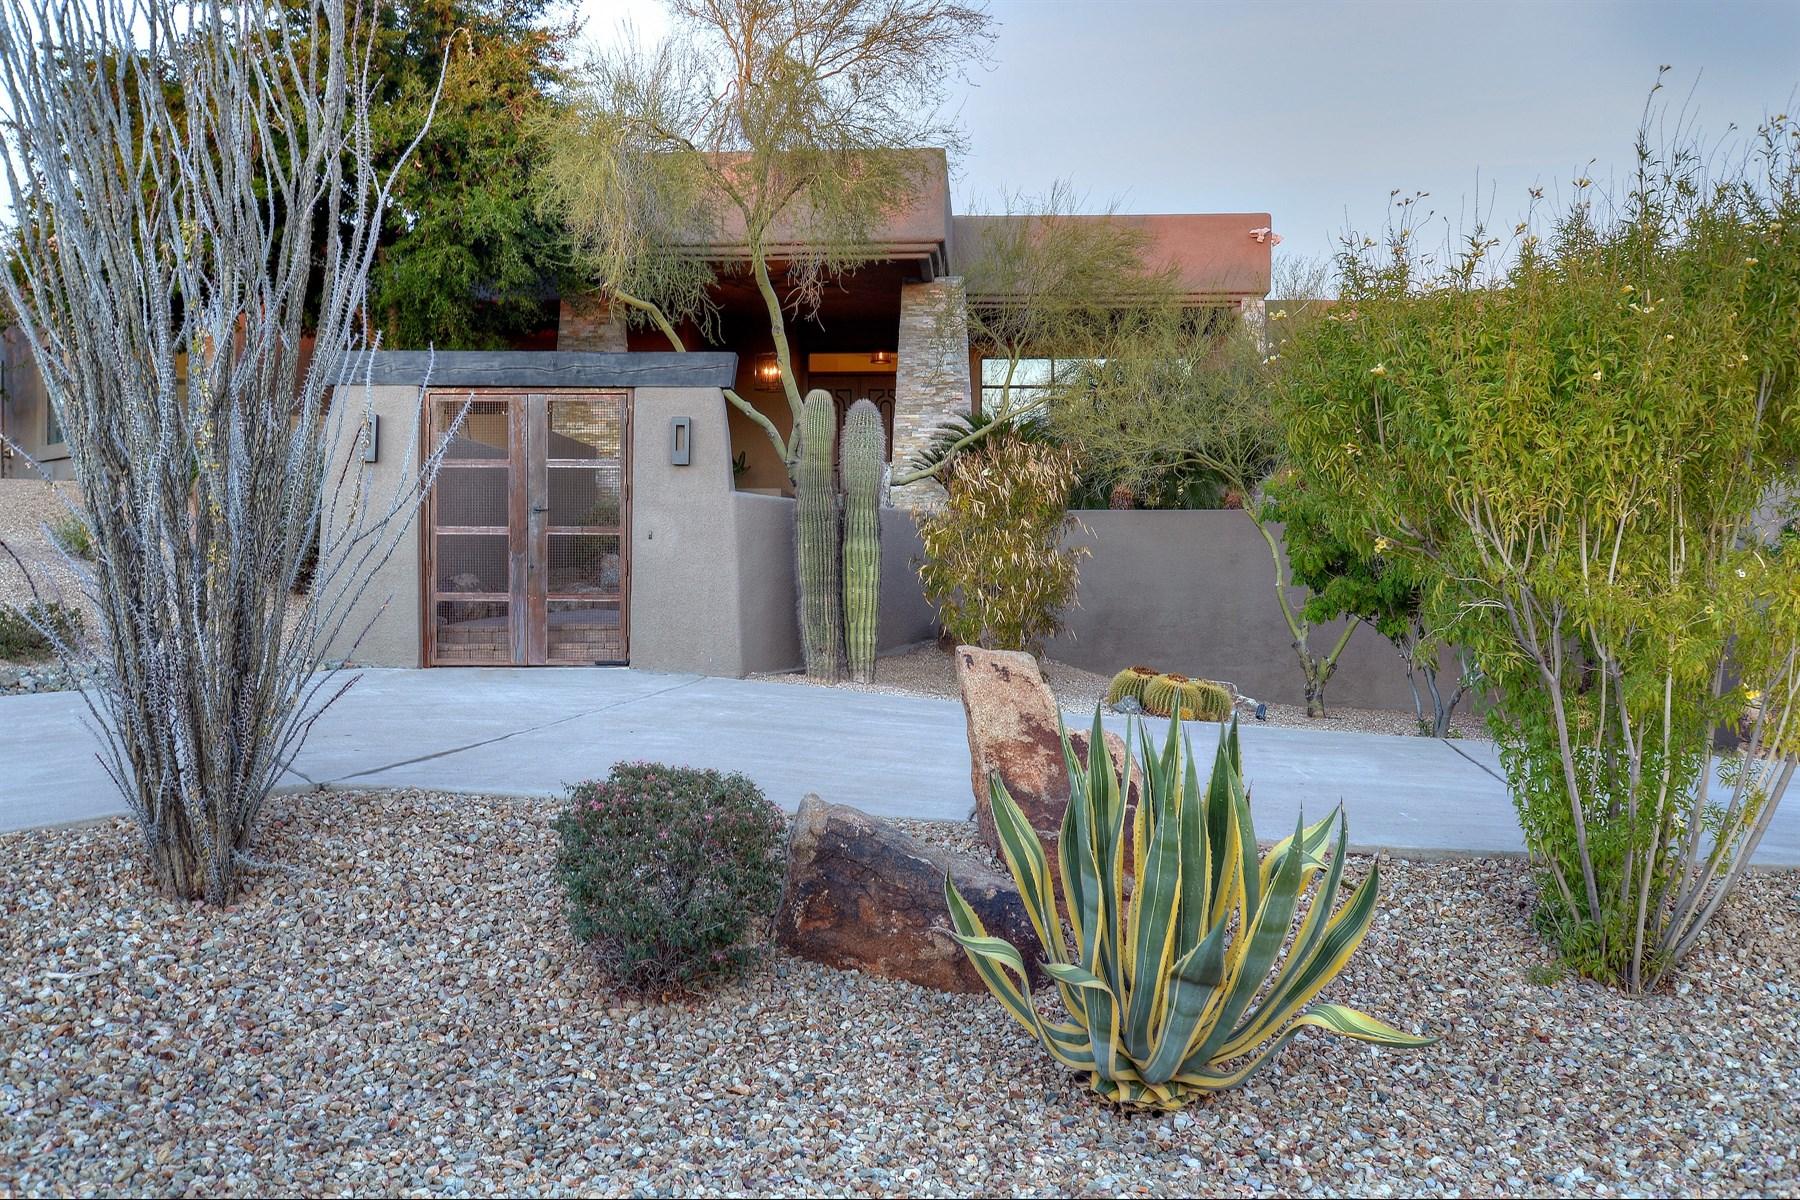 Casa Unifamiliar por un Venta en Gorgeous remodel with breathtaking views 24200 N ALMA SCHOOL RD 6 Scottsdale, Arizona 85255 Estados Unidos